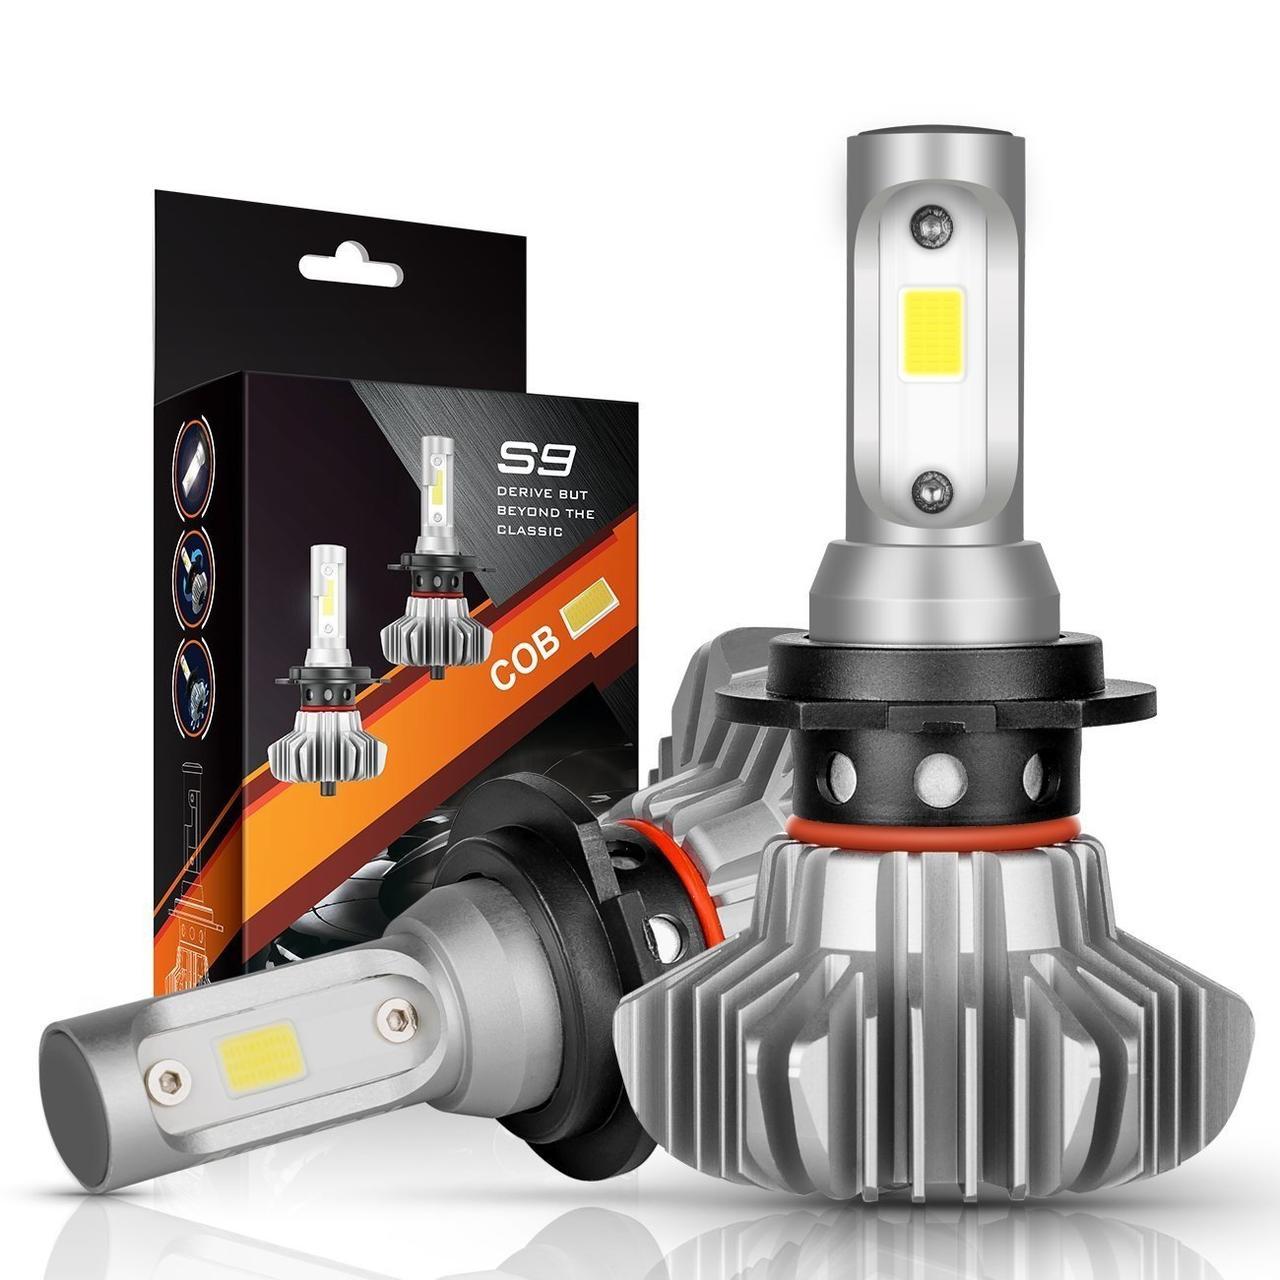 Комплект H7 2 LED лампы светодиодные головного света с радиатором дальний свет 12в COB 30Вт 6500K 7000Lm HeadLight S9 H7